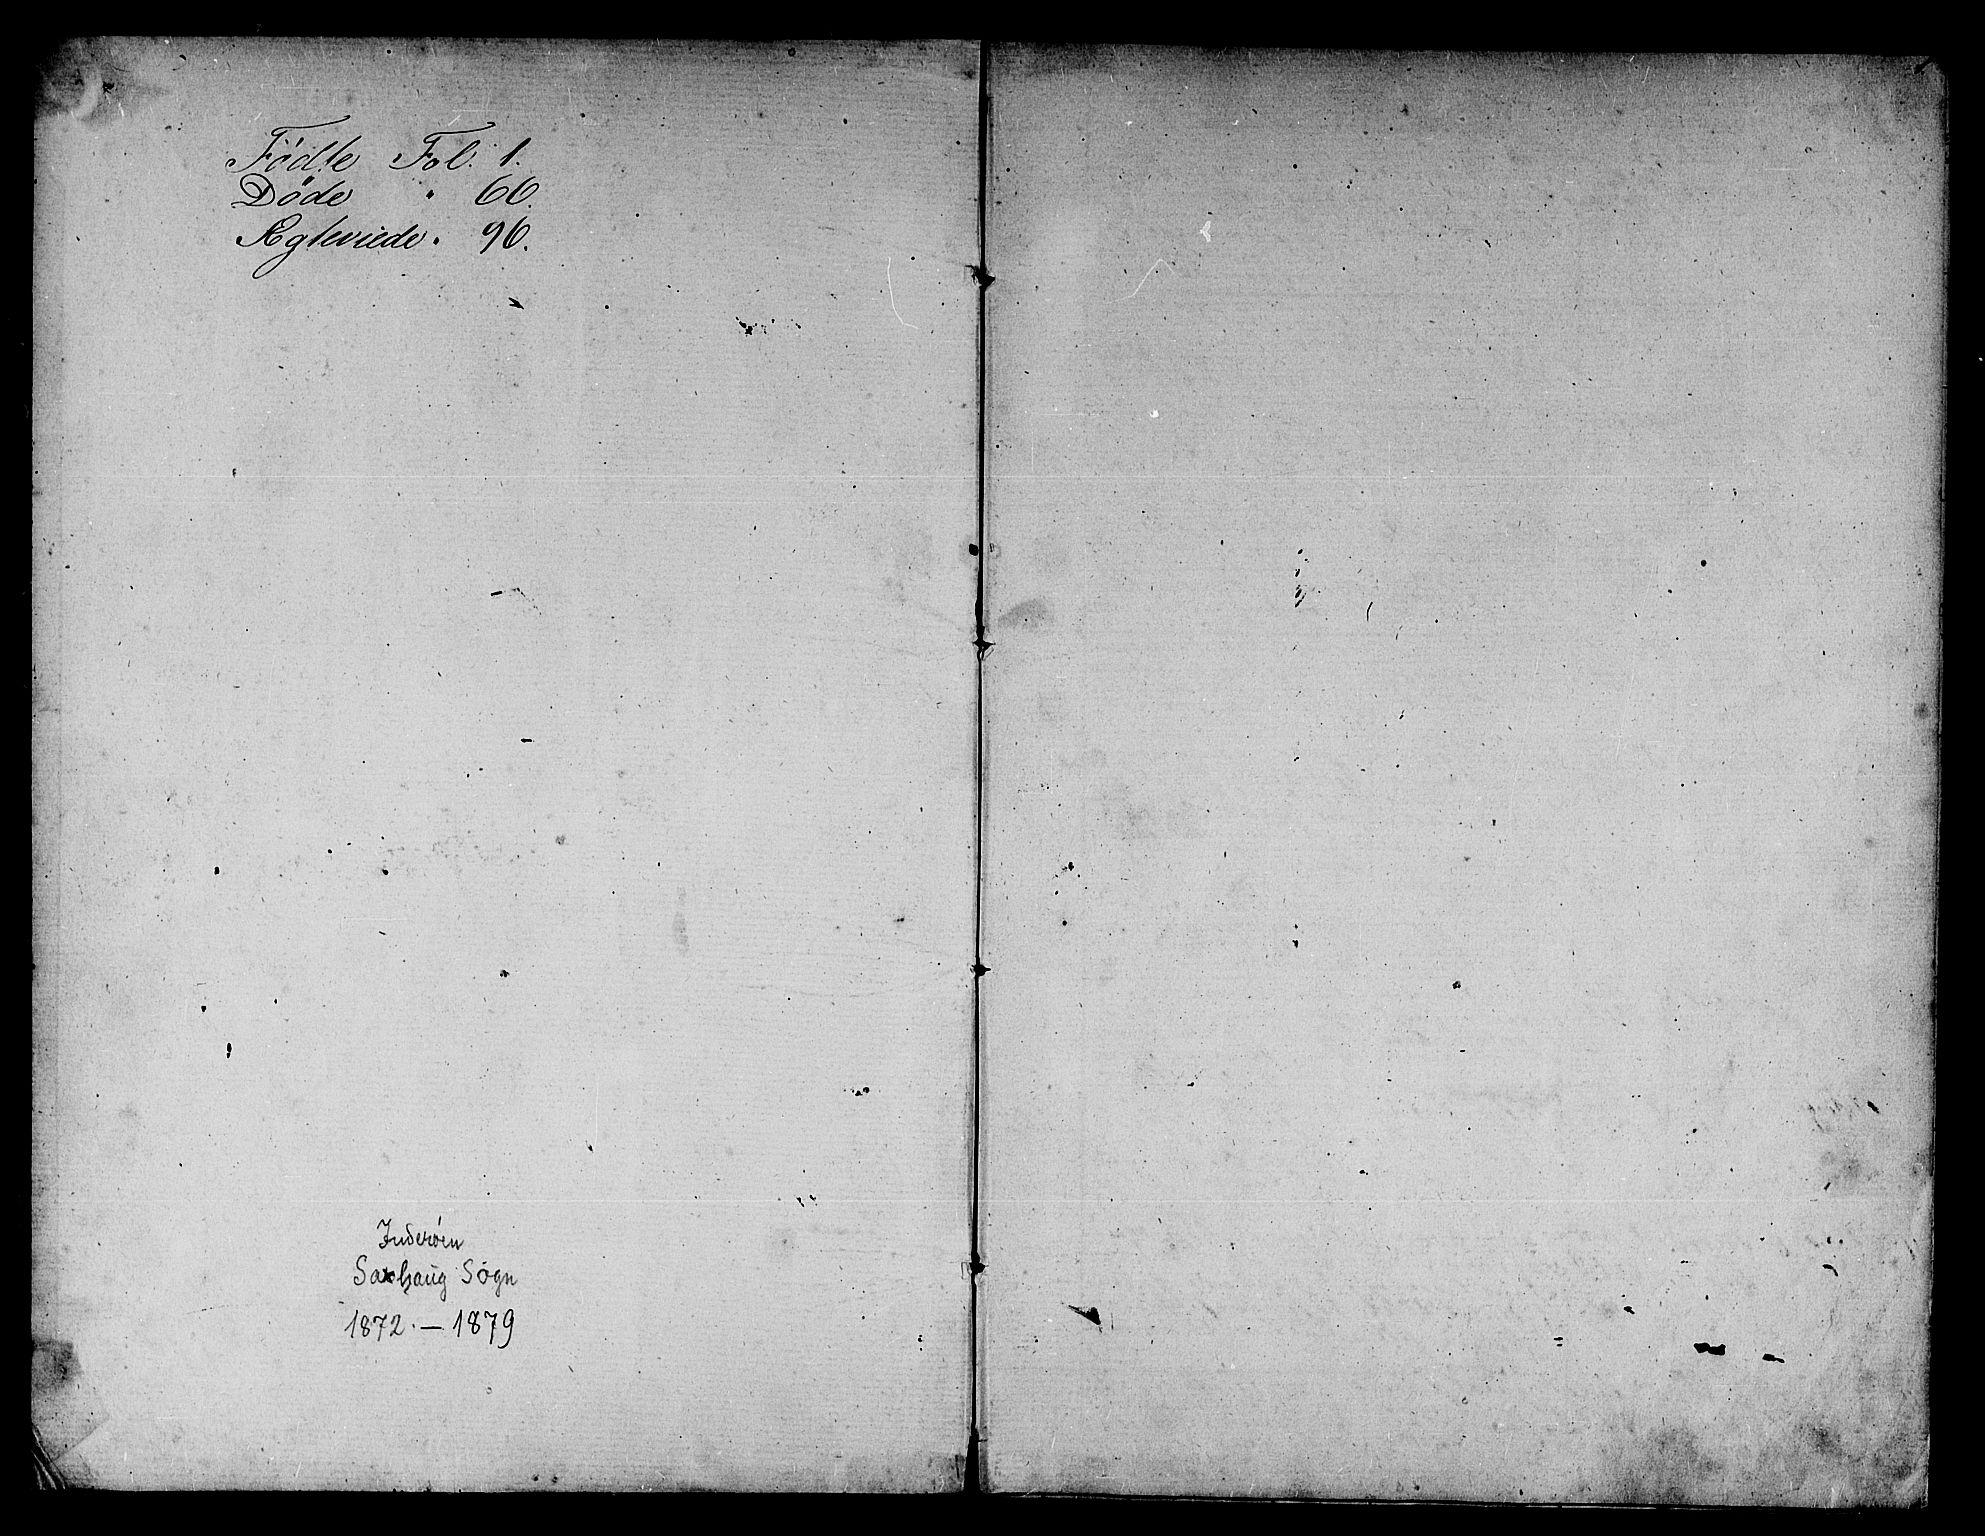 SAT, Ministerialprotokoller, klokkerbøker og fødselsregistre - Nord-Trøndelag, 730/L0300: Klokkerbok nr. 730C03, 1872-1879, s. 1